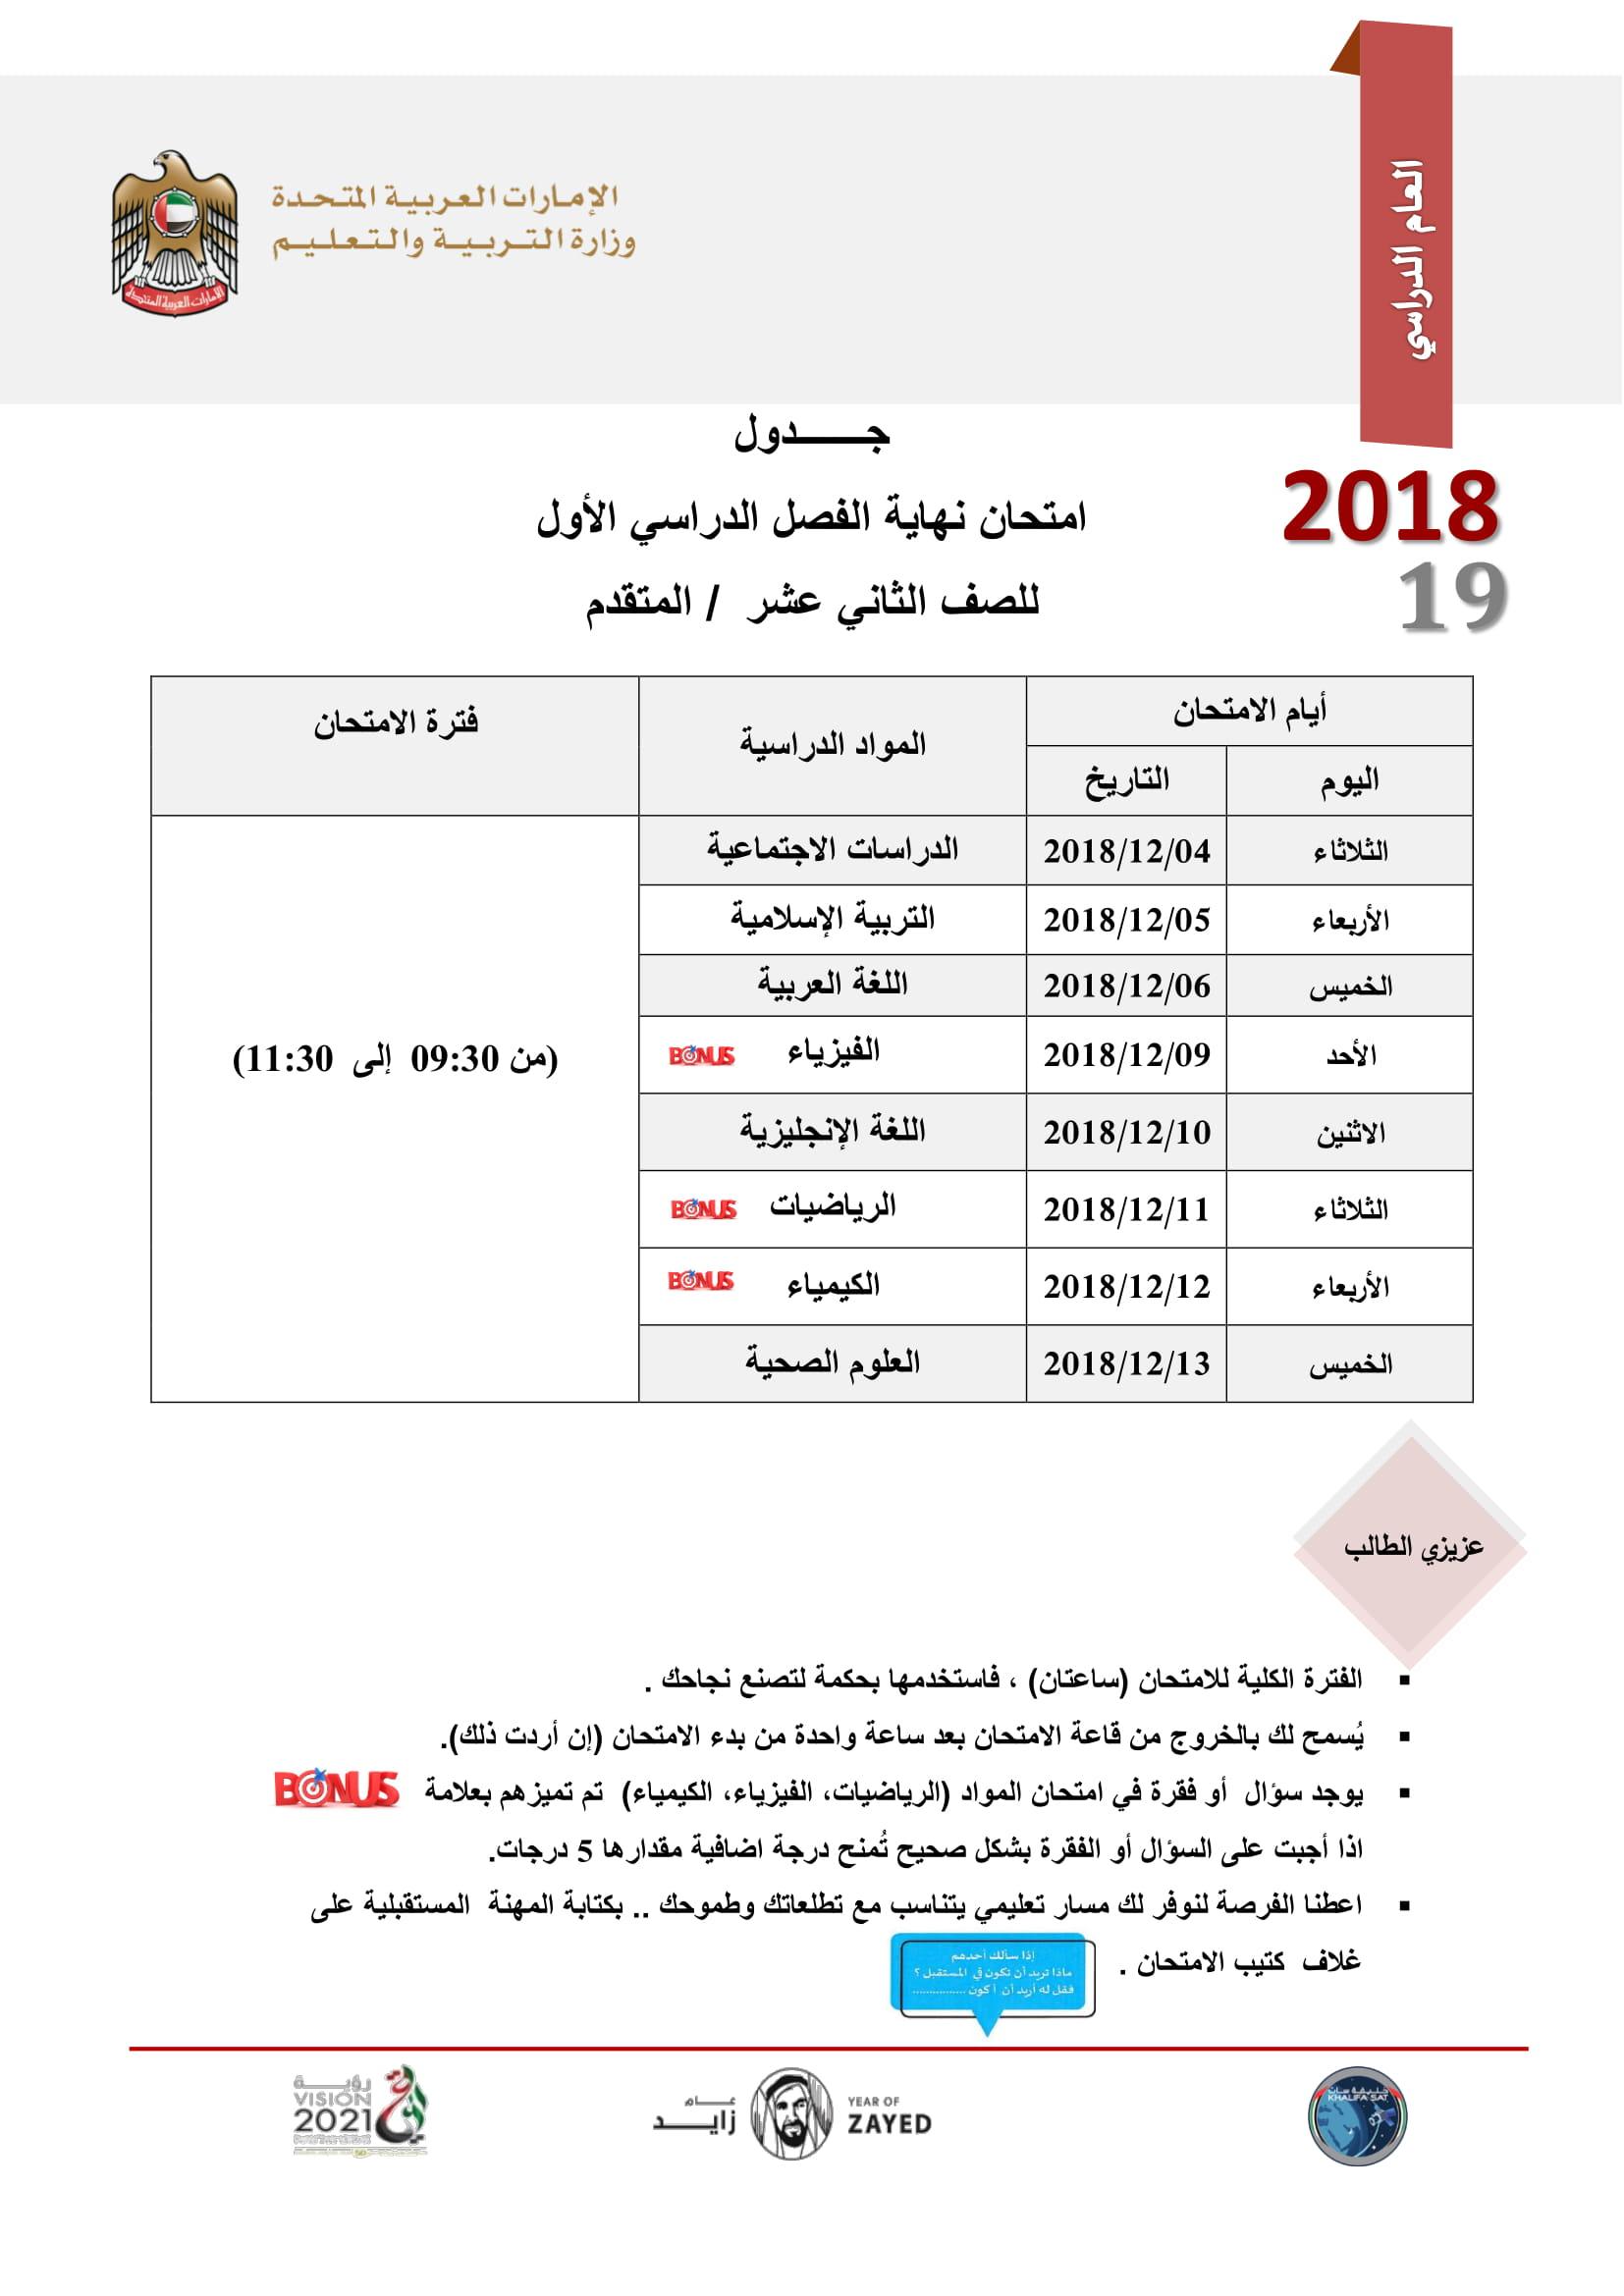 صورة جداول امتحانات الفصل الدراسى الاول 2018 بالامارات